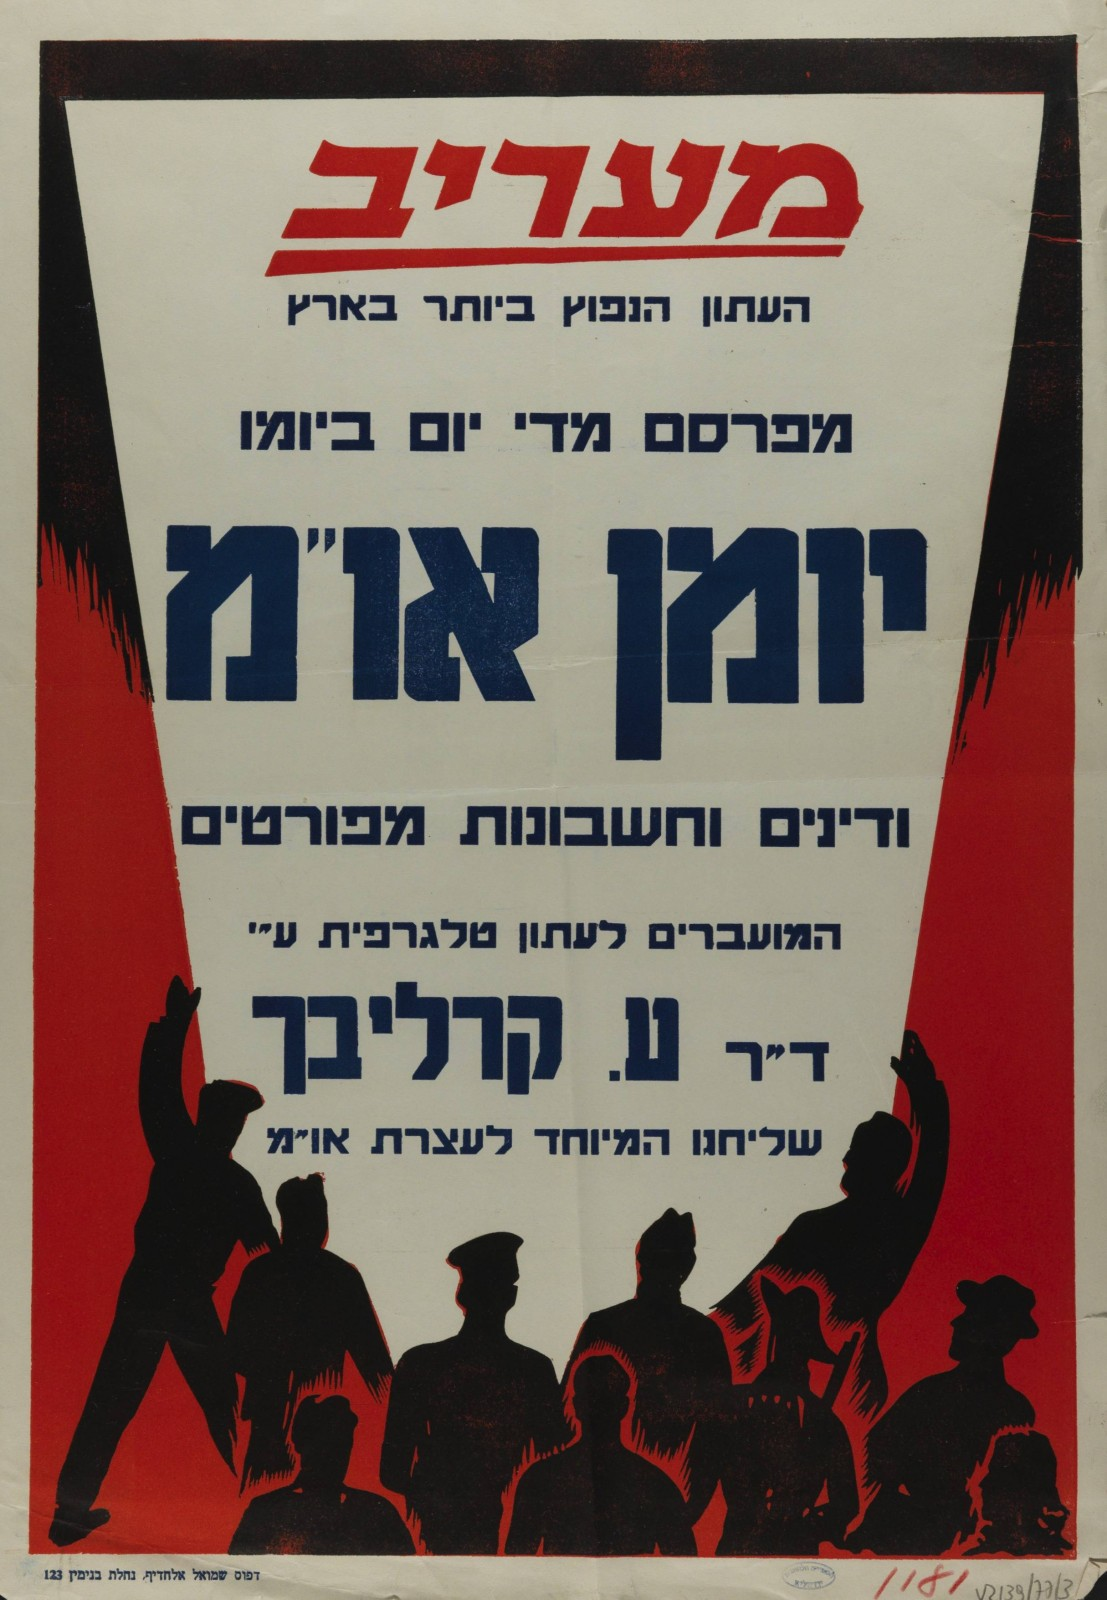 """כרזת """"מעריב"""" לקידום דיווחי קרליבך מפריז, 1948"""